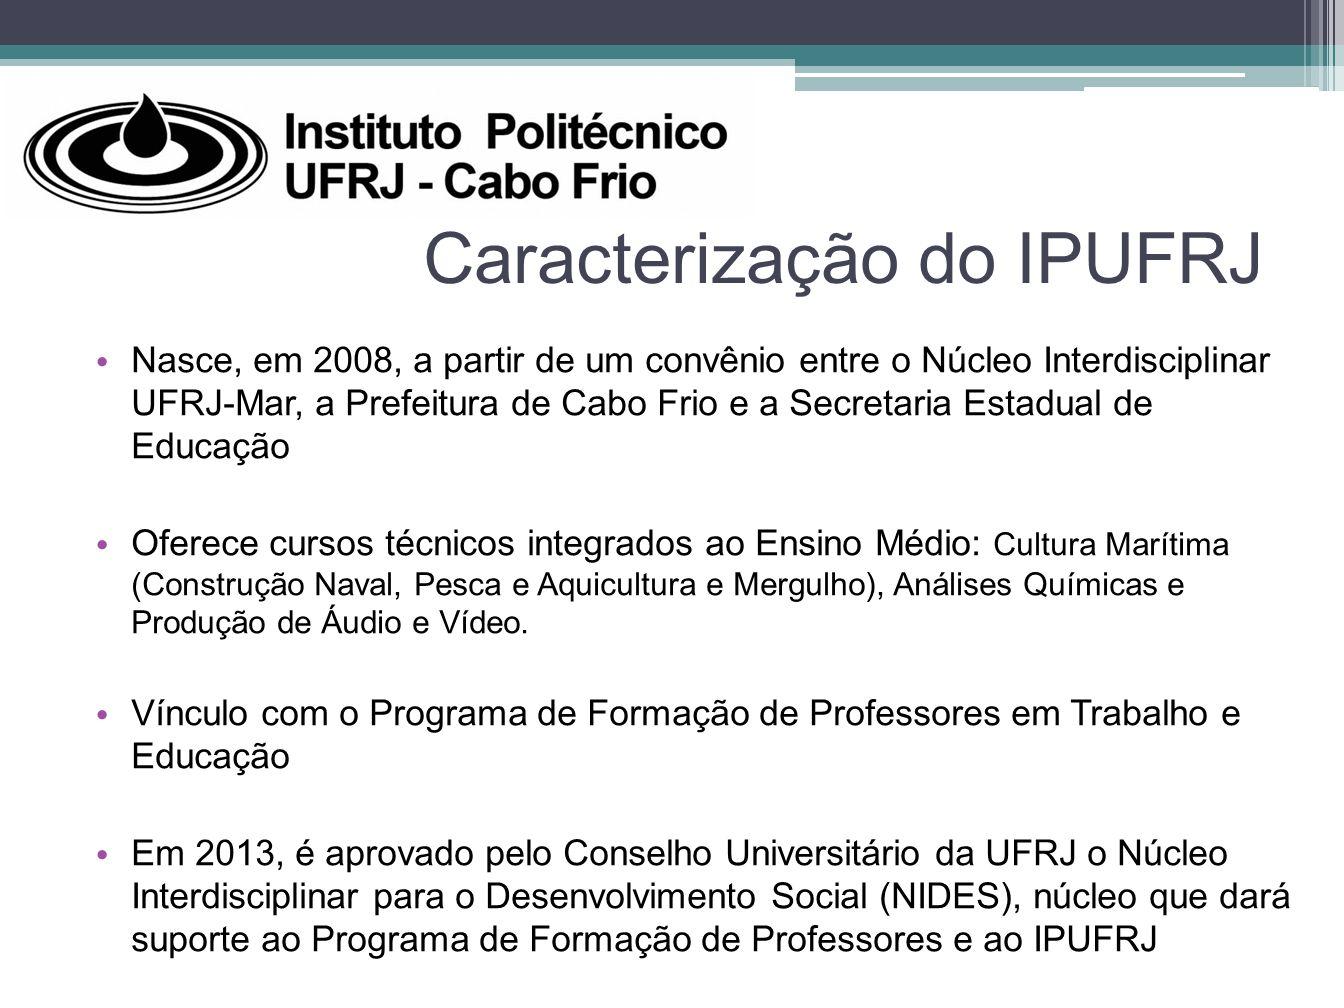 Caracterização do IPUFRJ